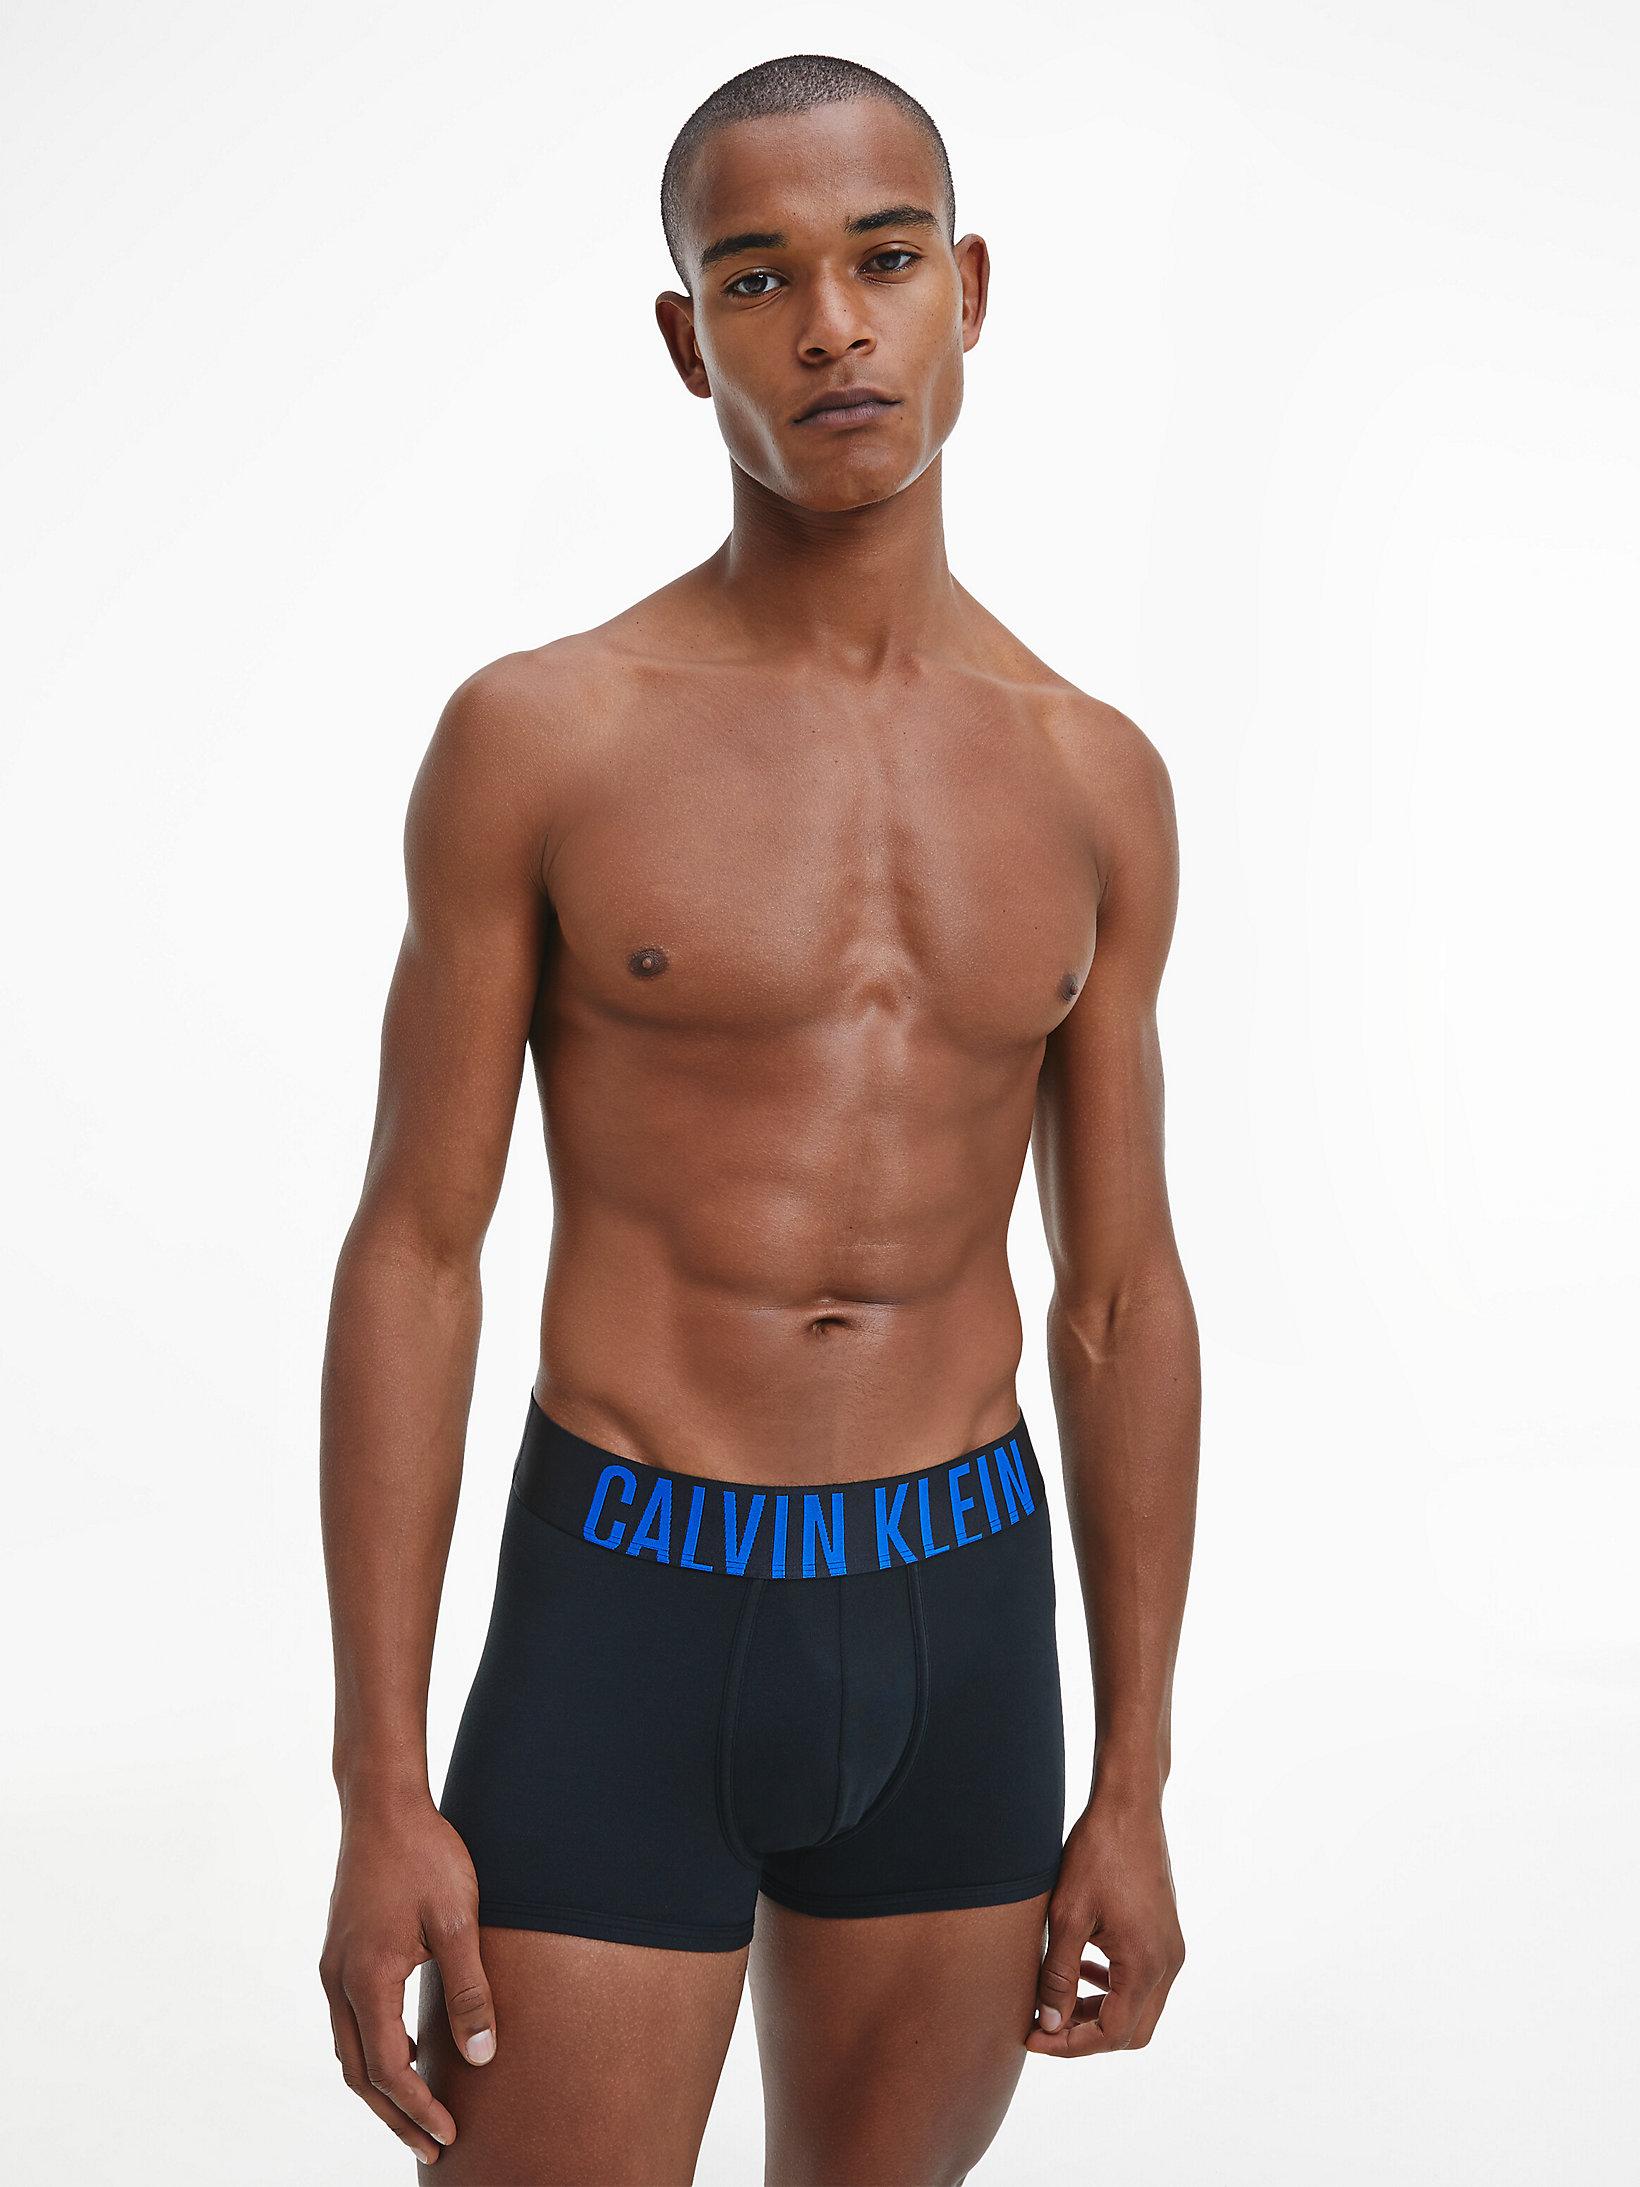 Calvin Klein Intense Power Trunks 2-Pack Black